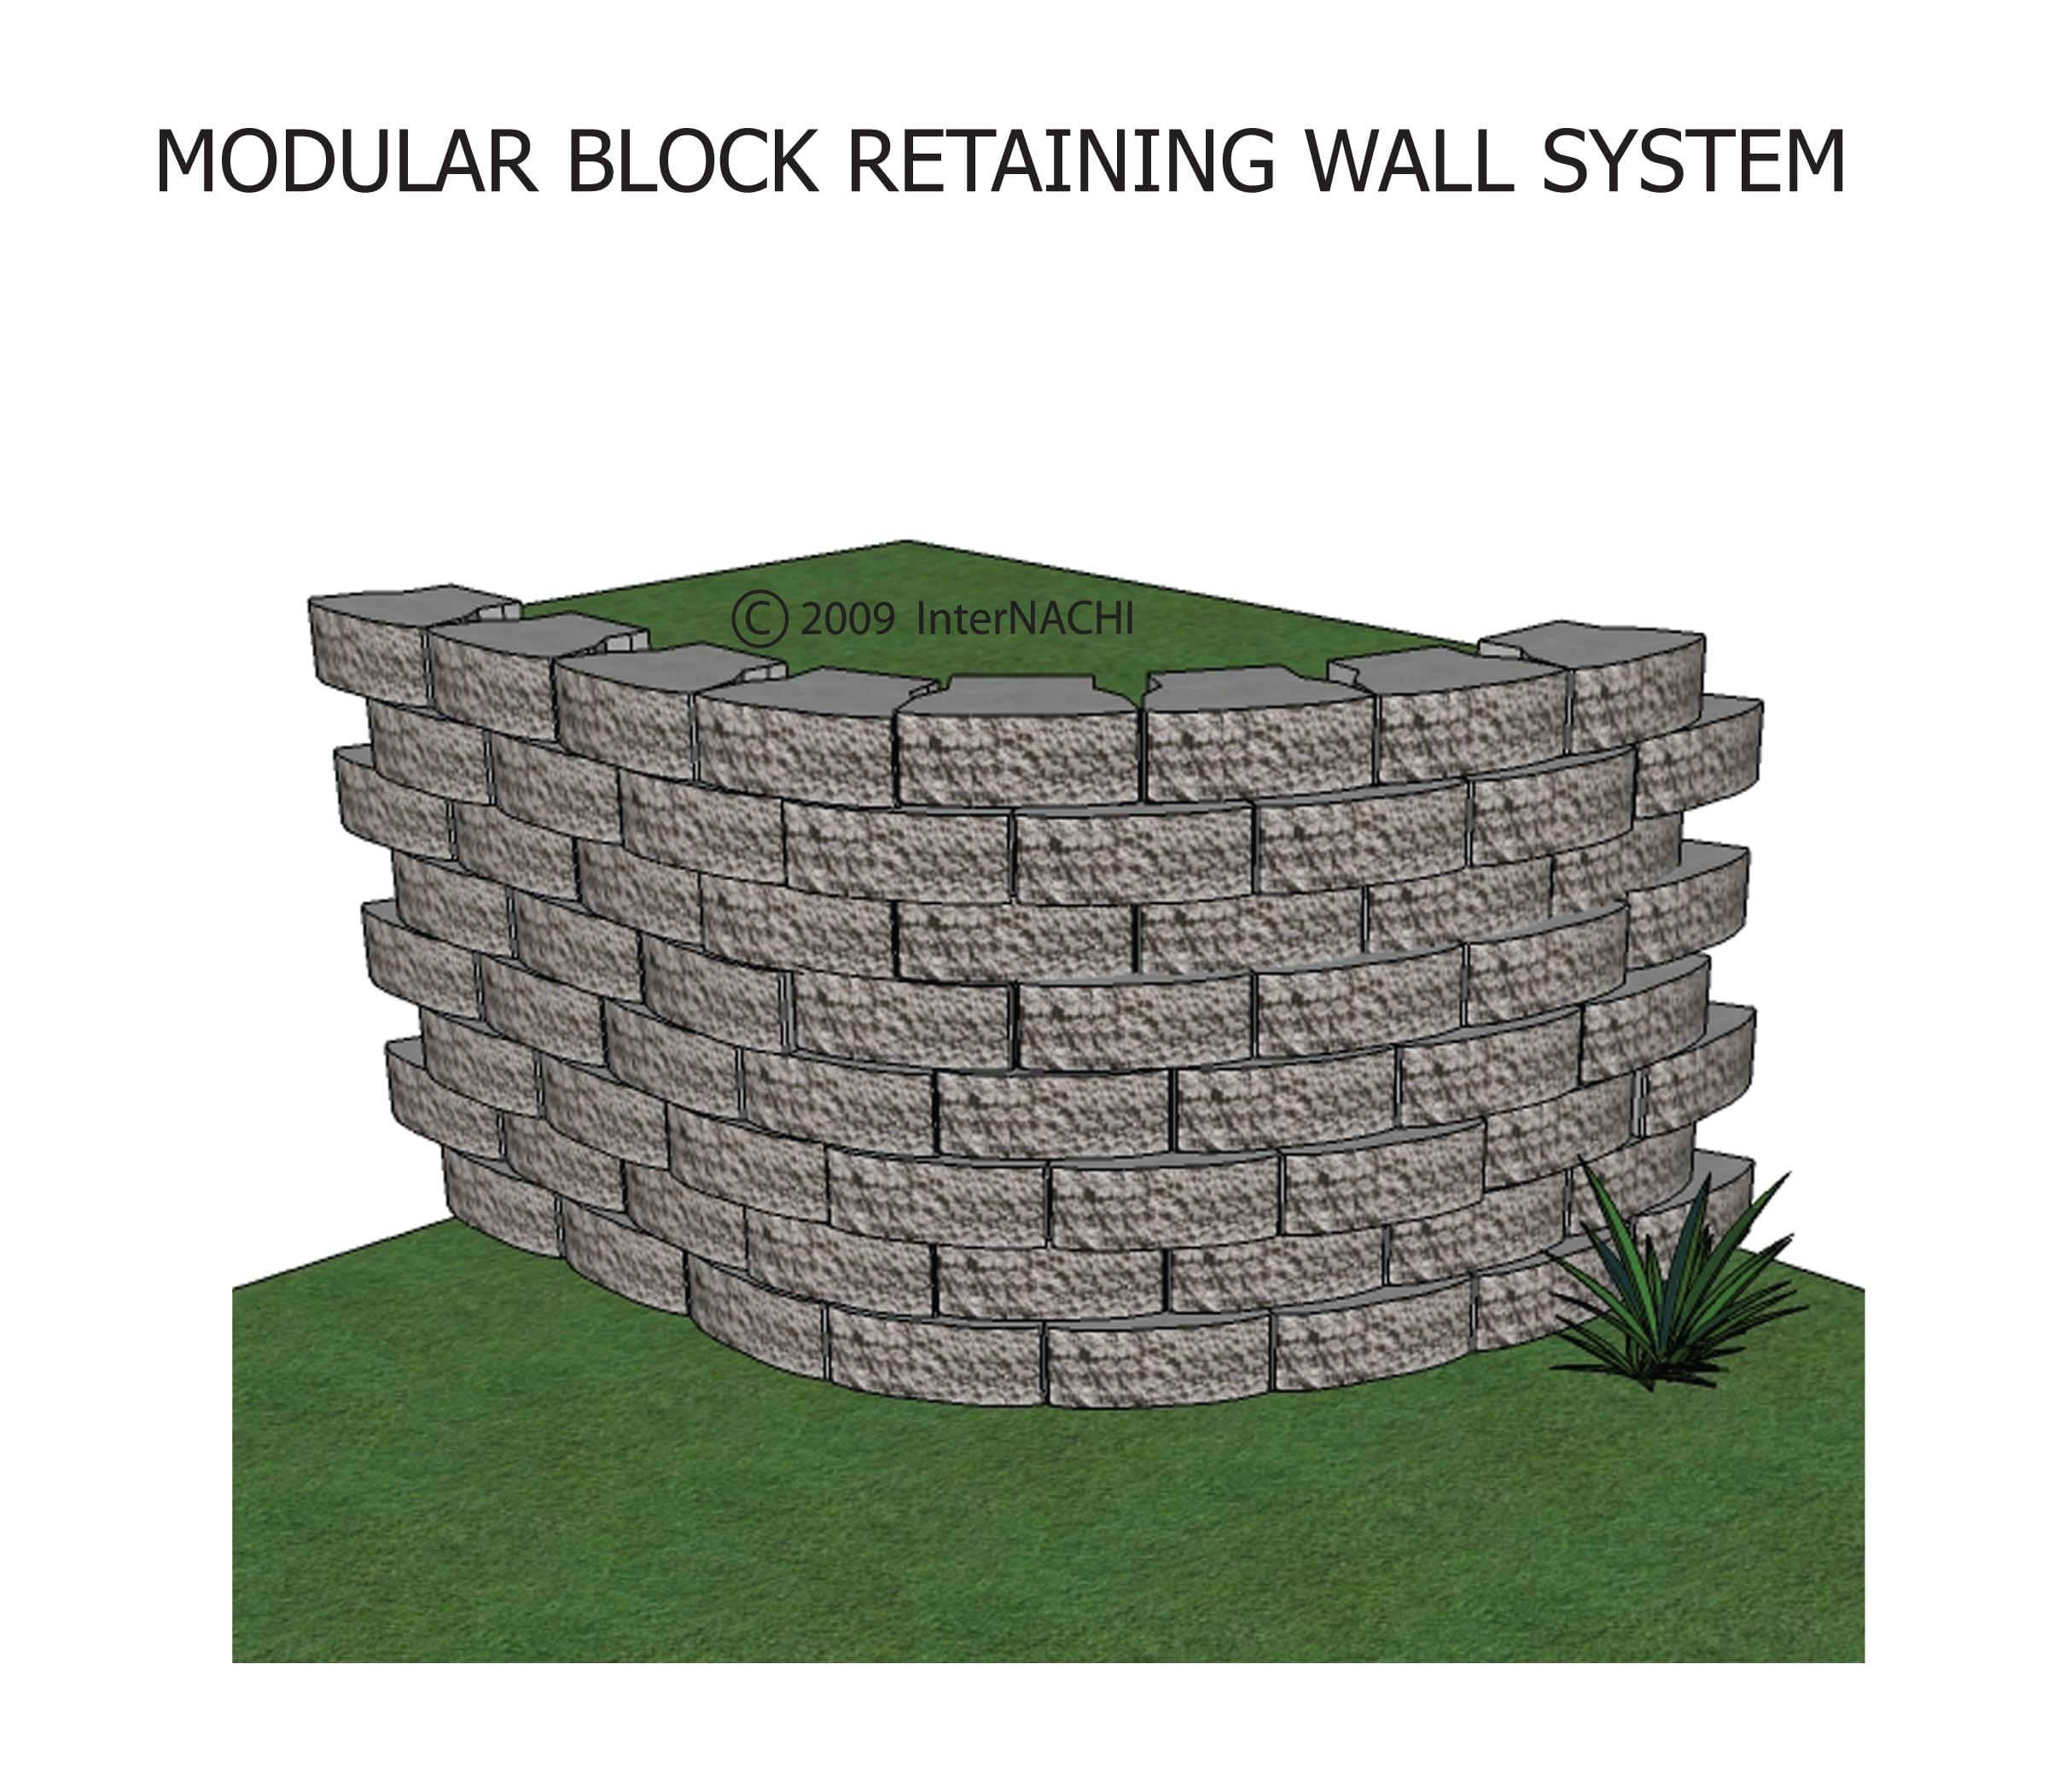 Modular block retaining wall.